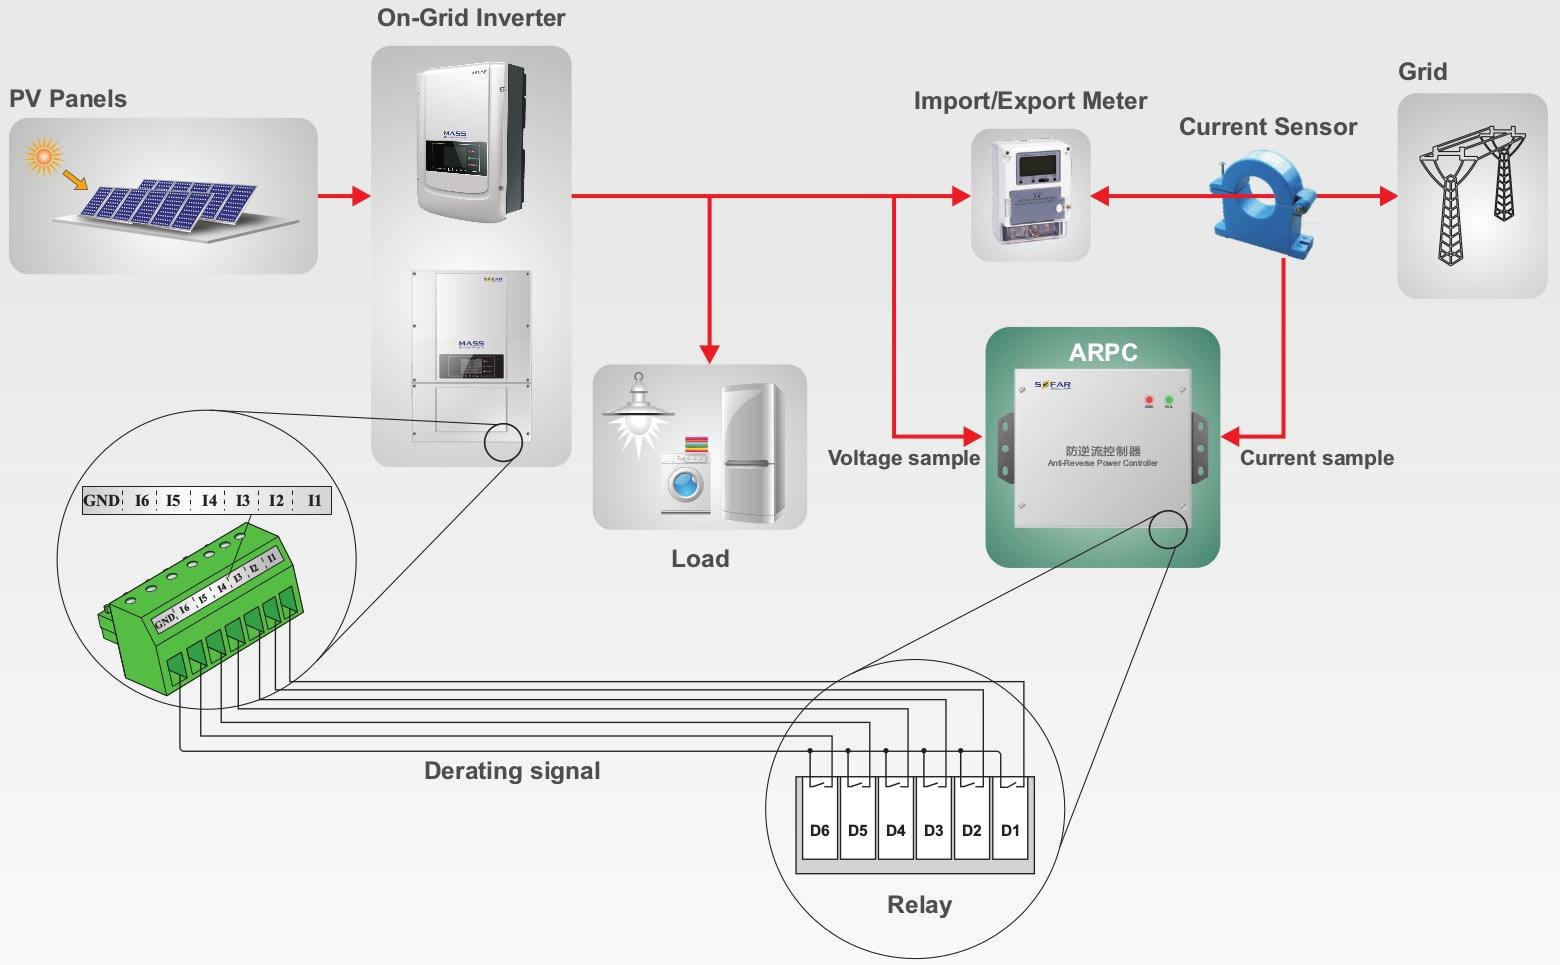 Схема работы контроллера ограничения мощности ARPC сетевого инвертора Sofar Solar